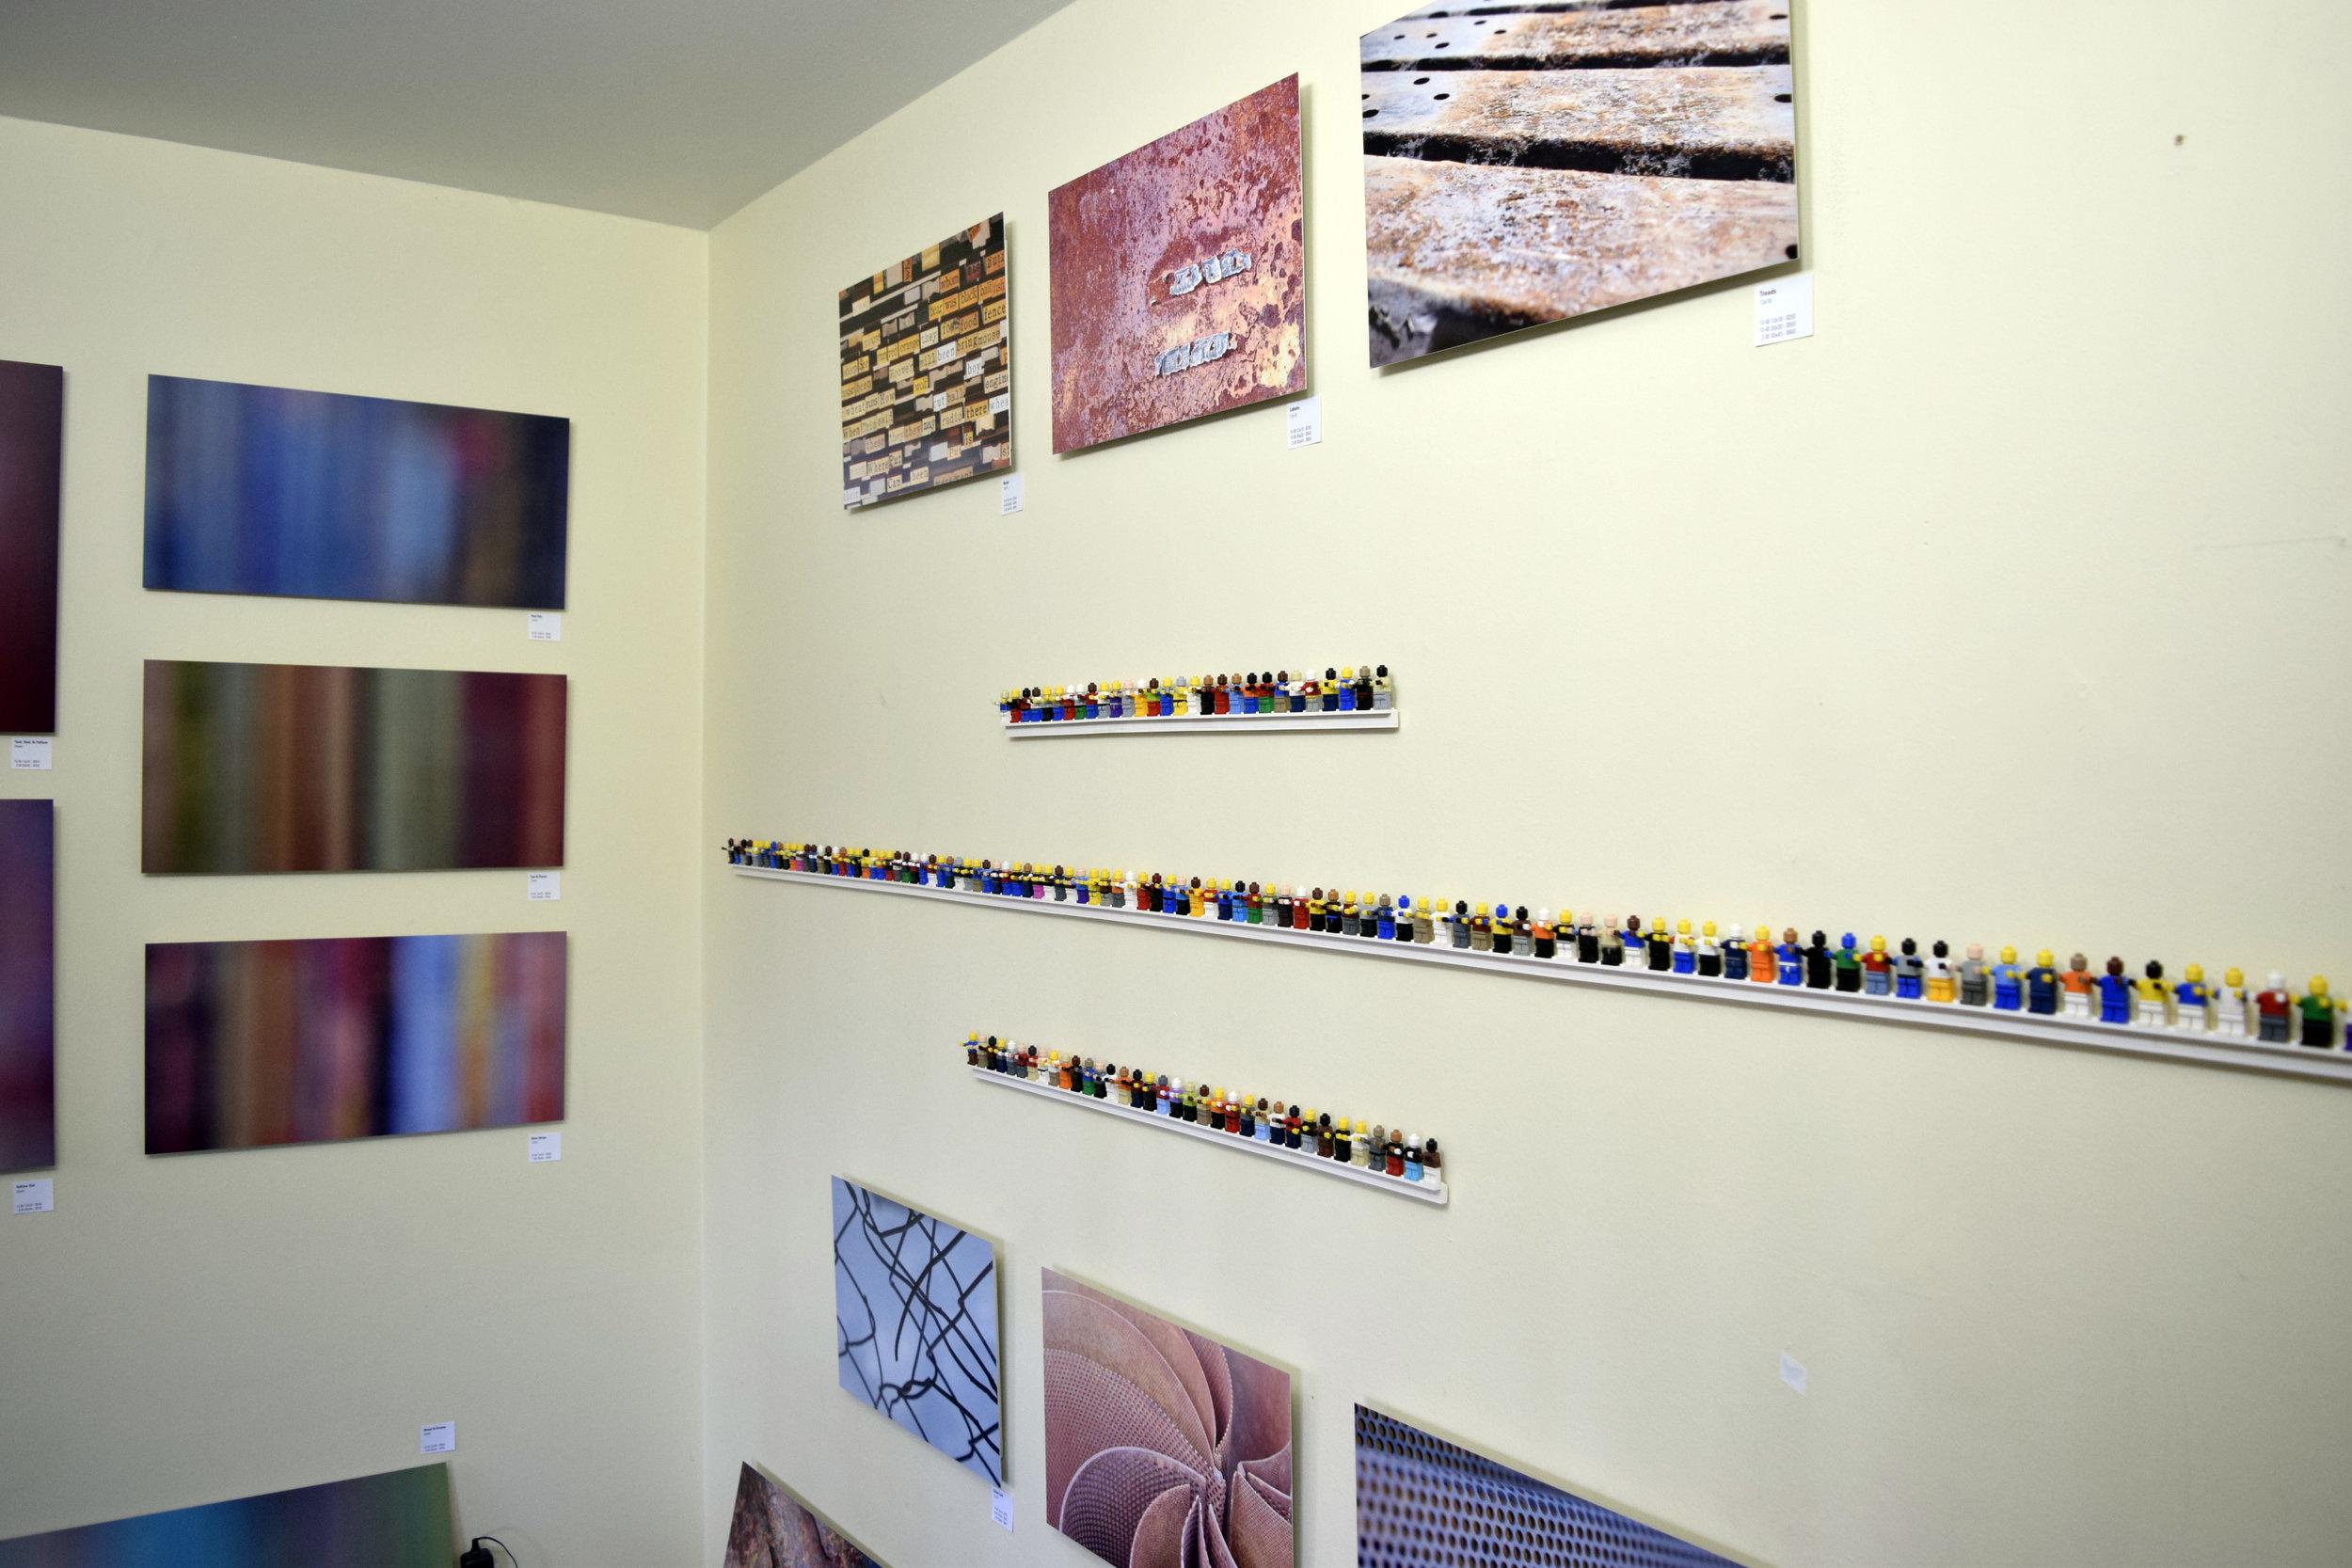 lego-wall.JPG